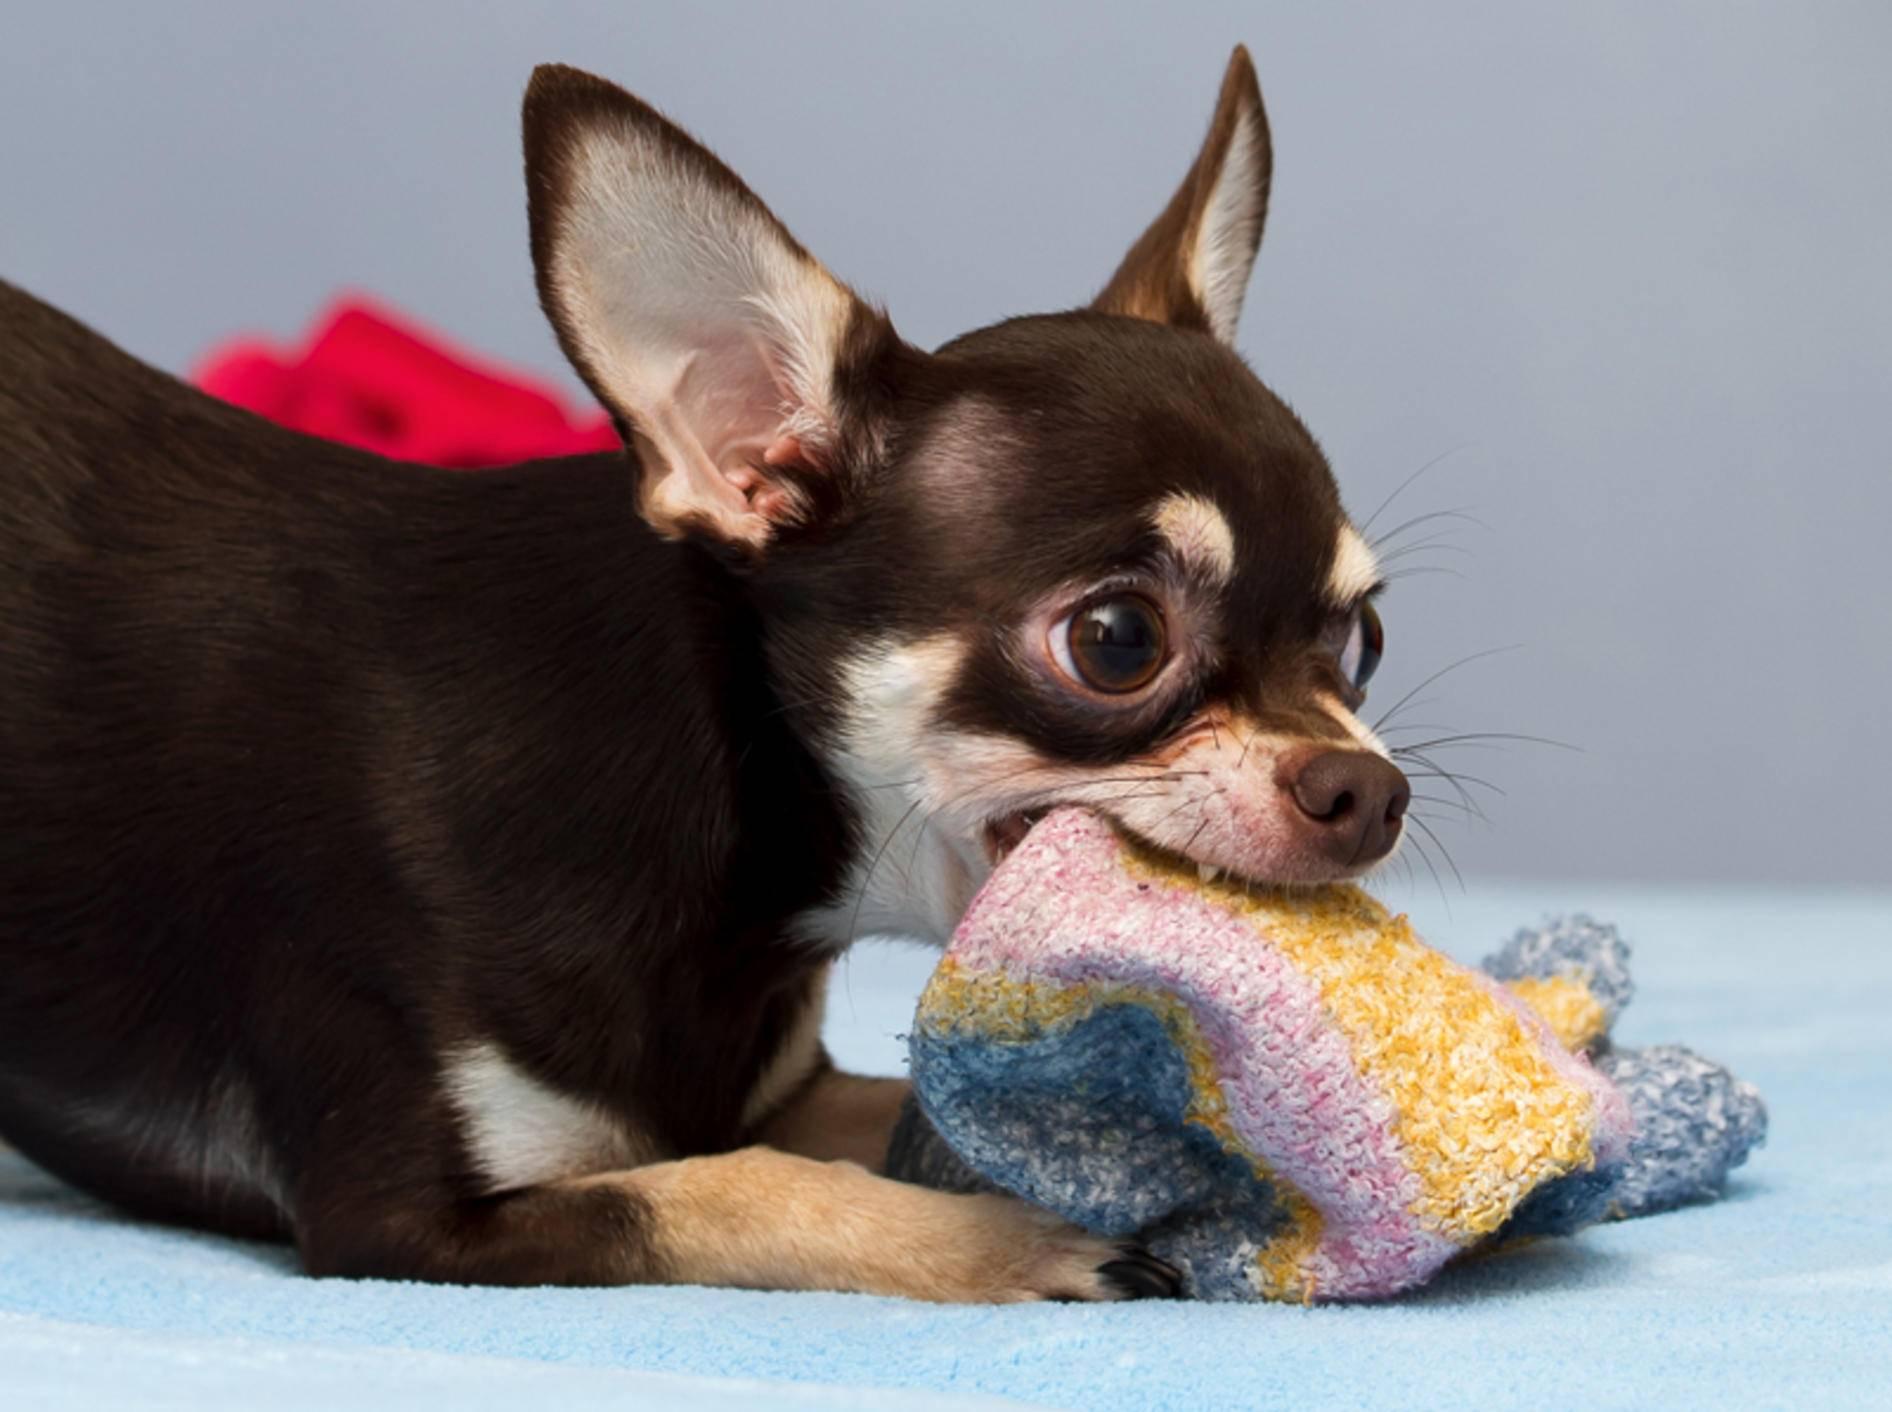 Hunde wie dieser Chihuahua lieben den Geruch von Socken, weil er sie an ihre Lieblingsmenschen erinnert – Shutterstock / kamilpetran